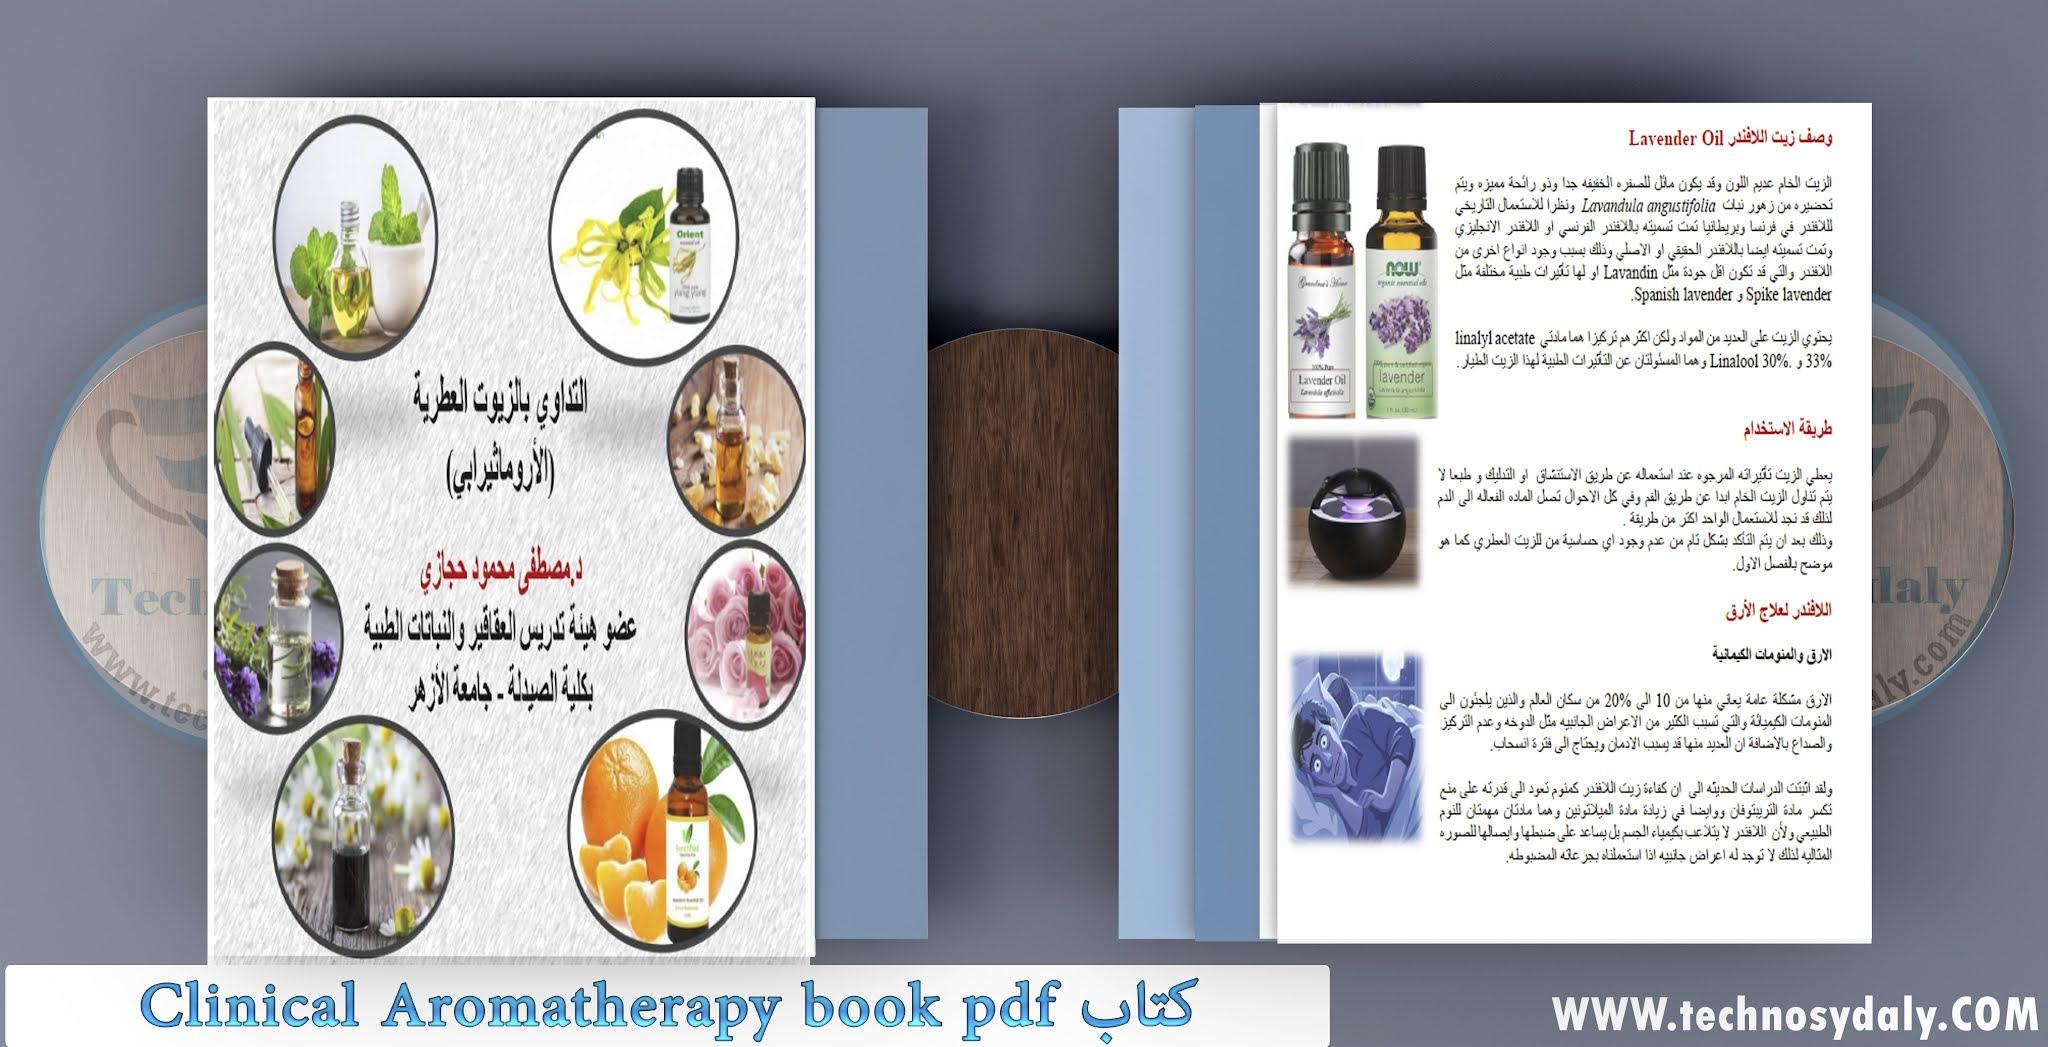 كتاب Clinical Aromatherapy book pdf